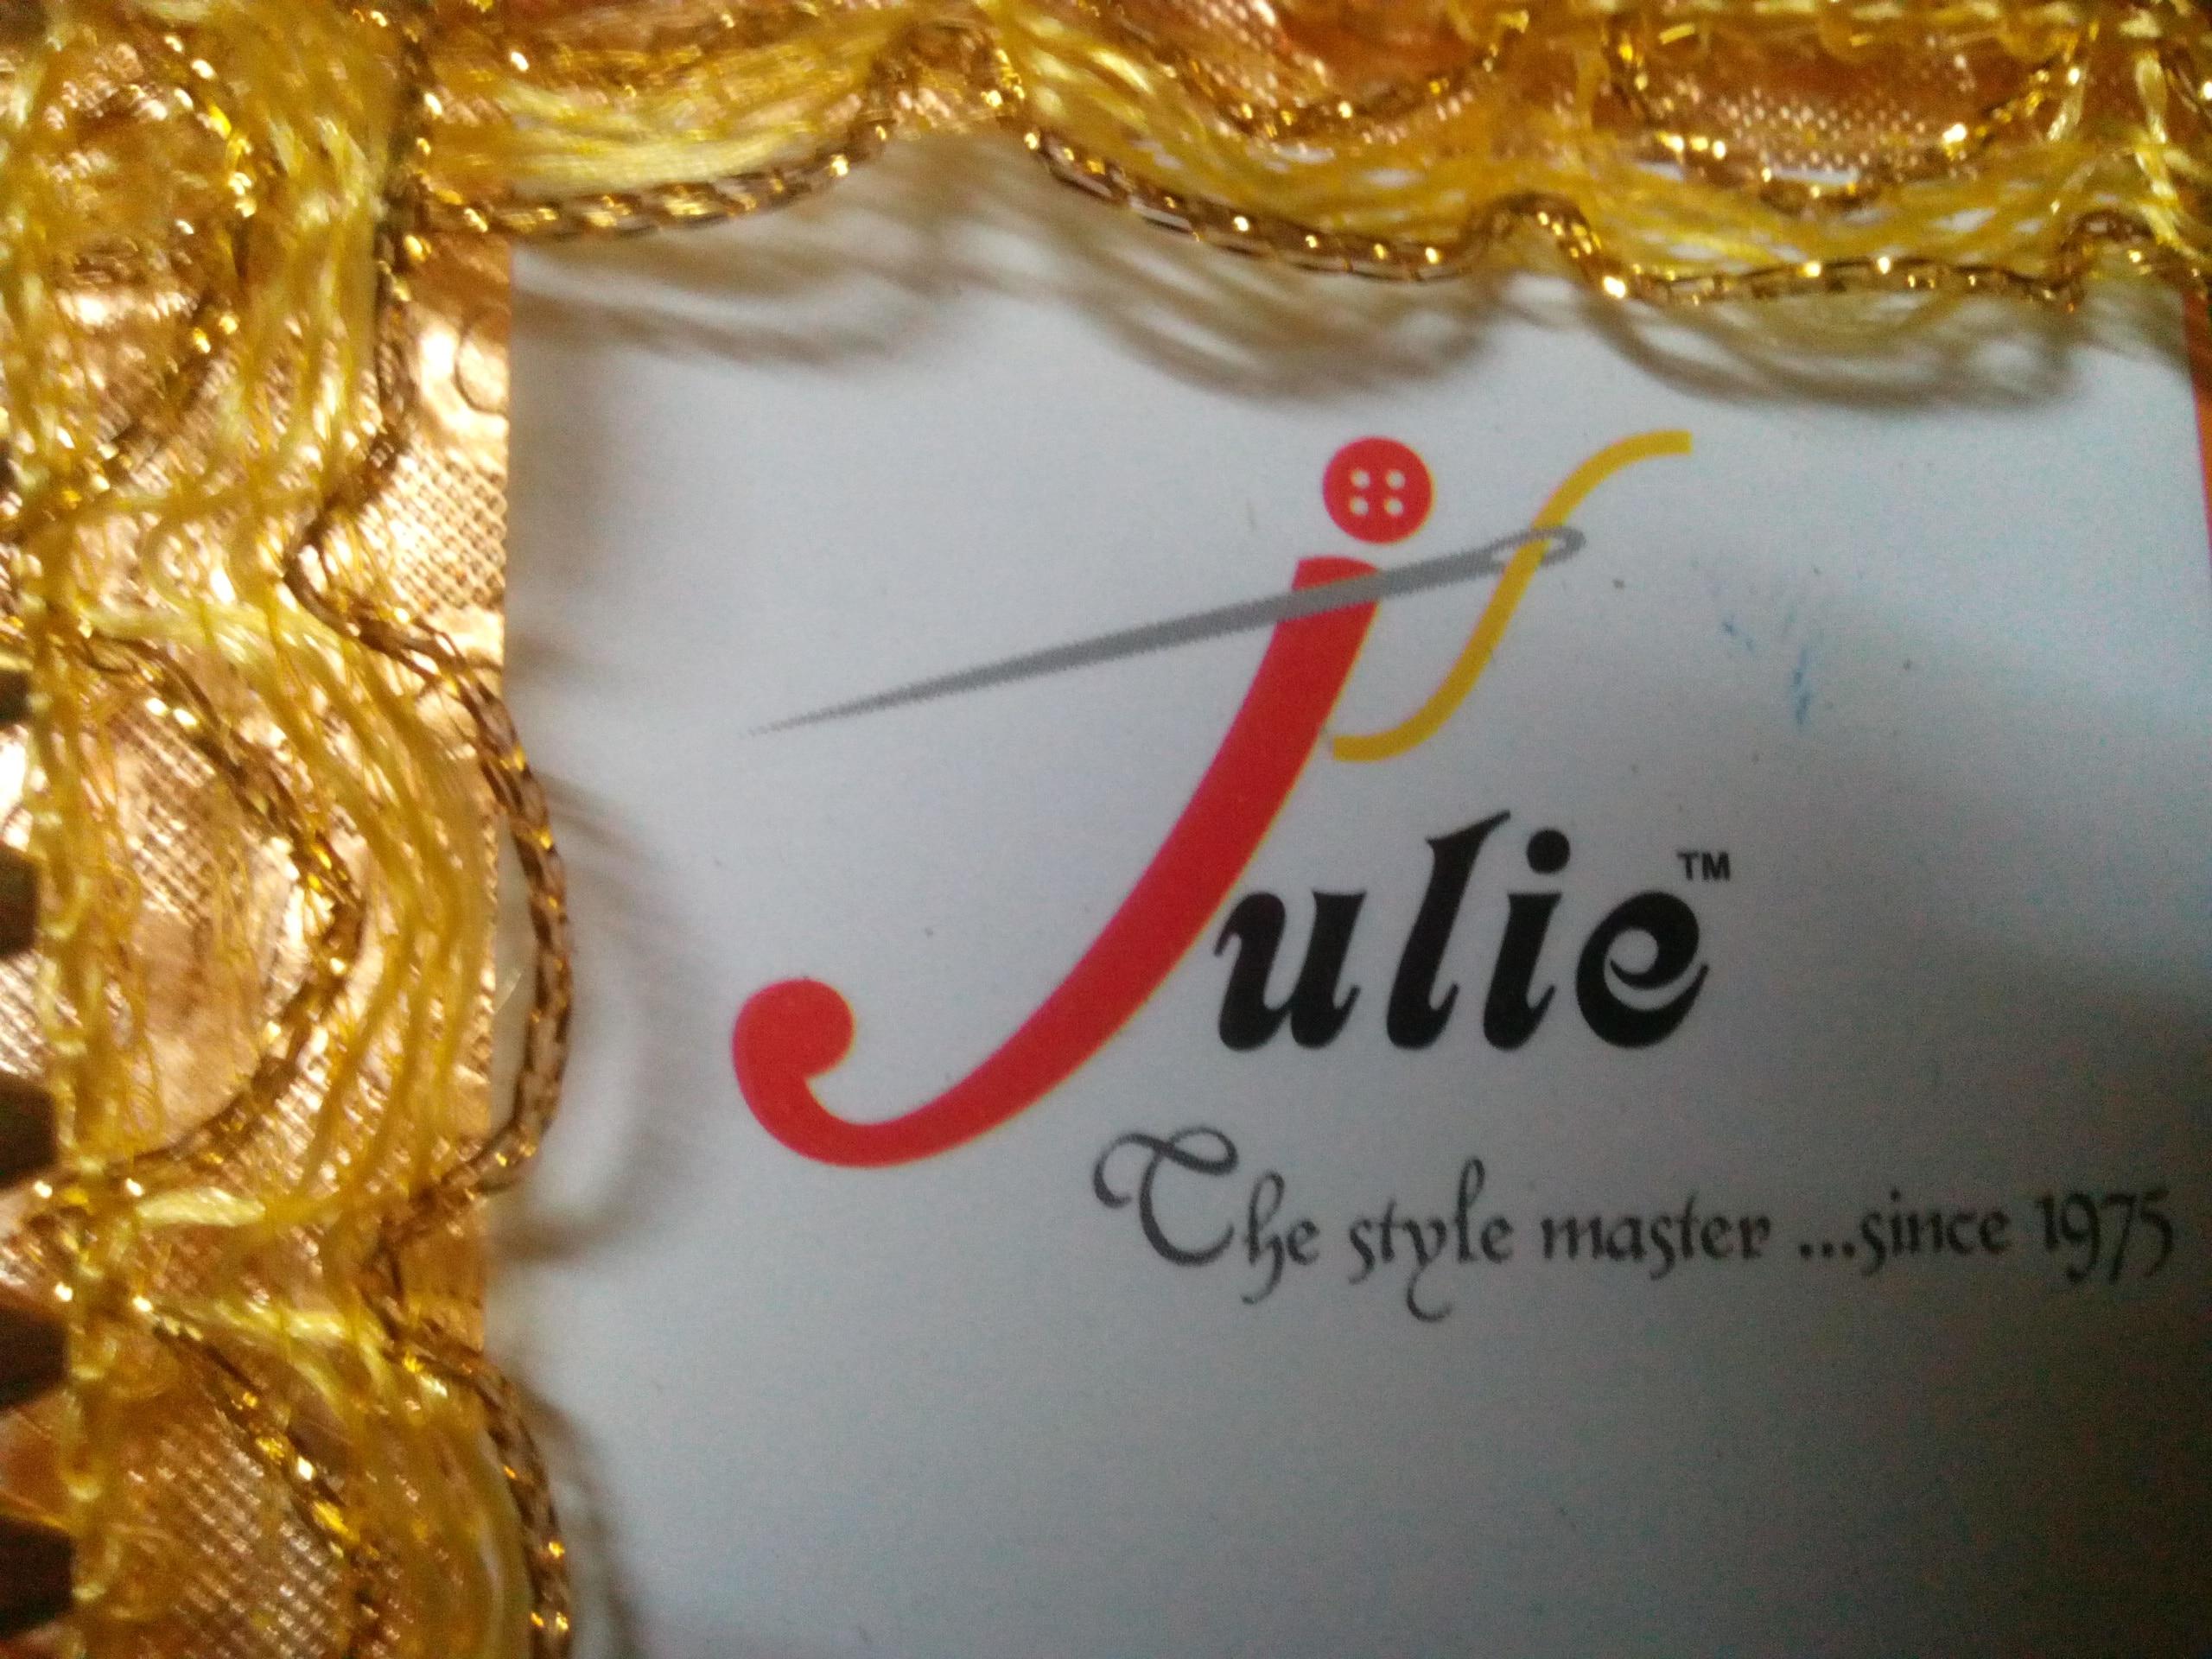 Julie Tailors